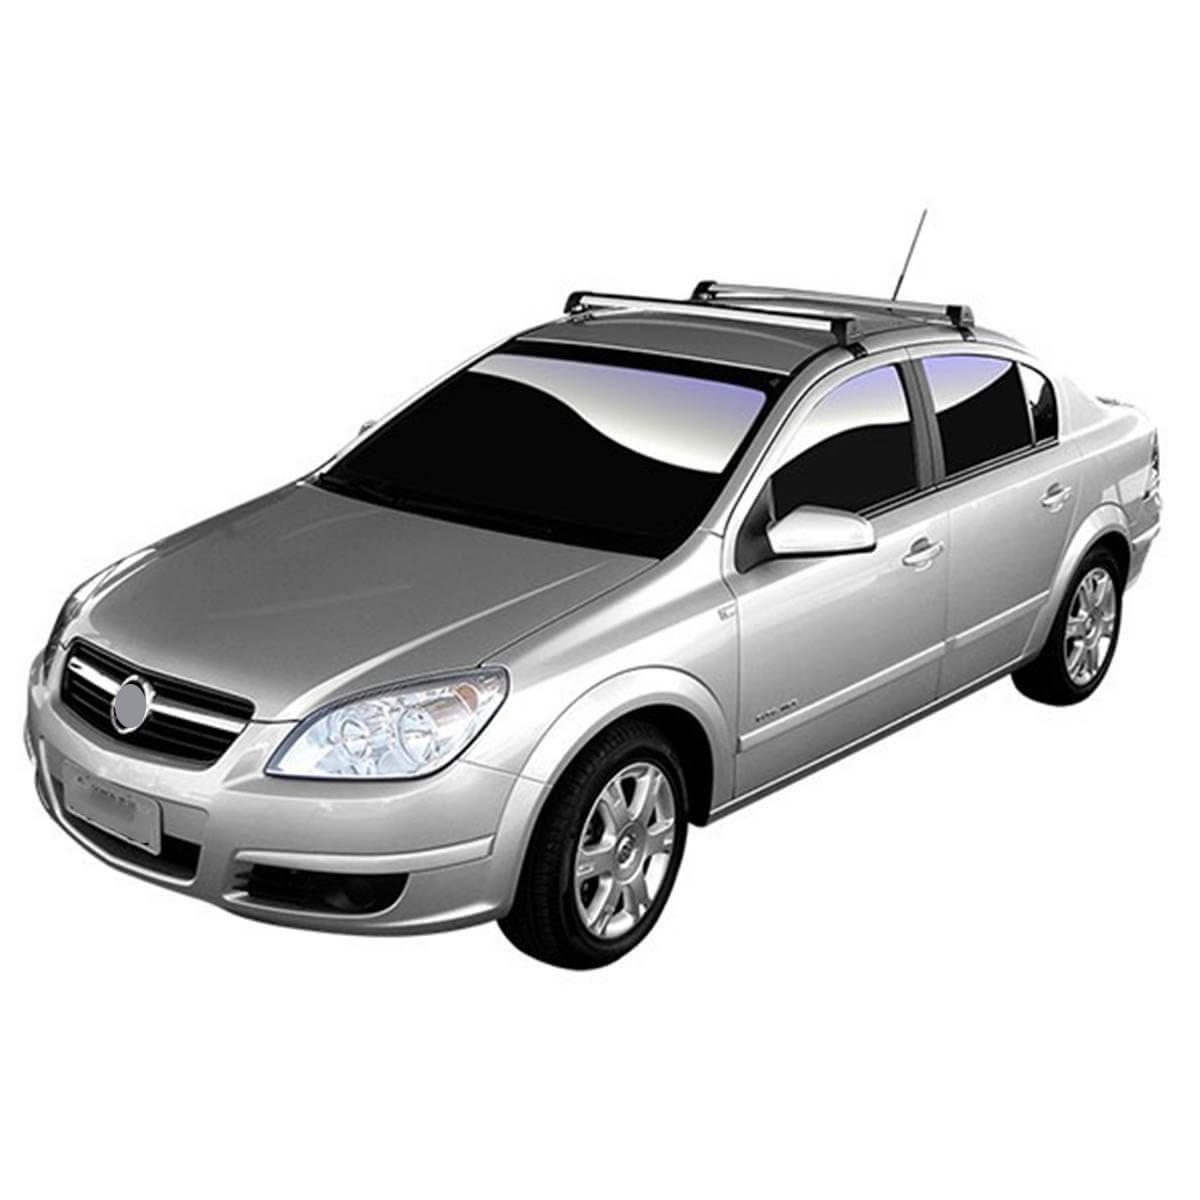 Rack de teto Vectra Sedan 2006 a 2011 Long Life Sports anodizado